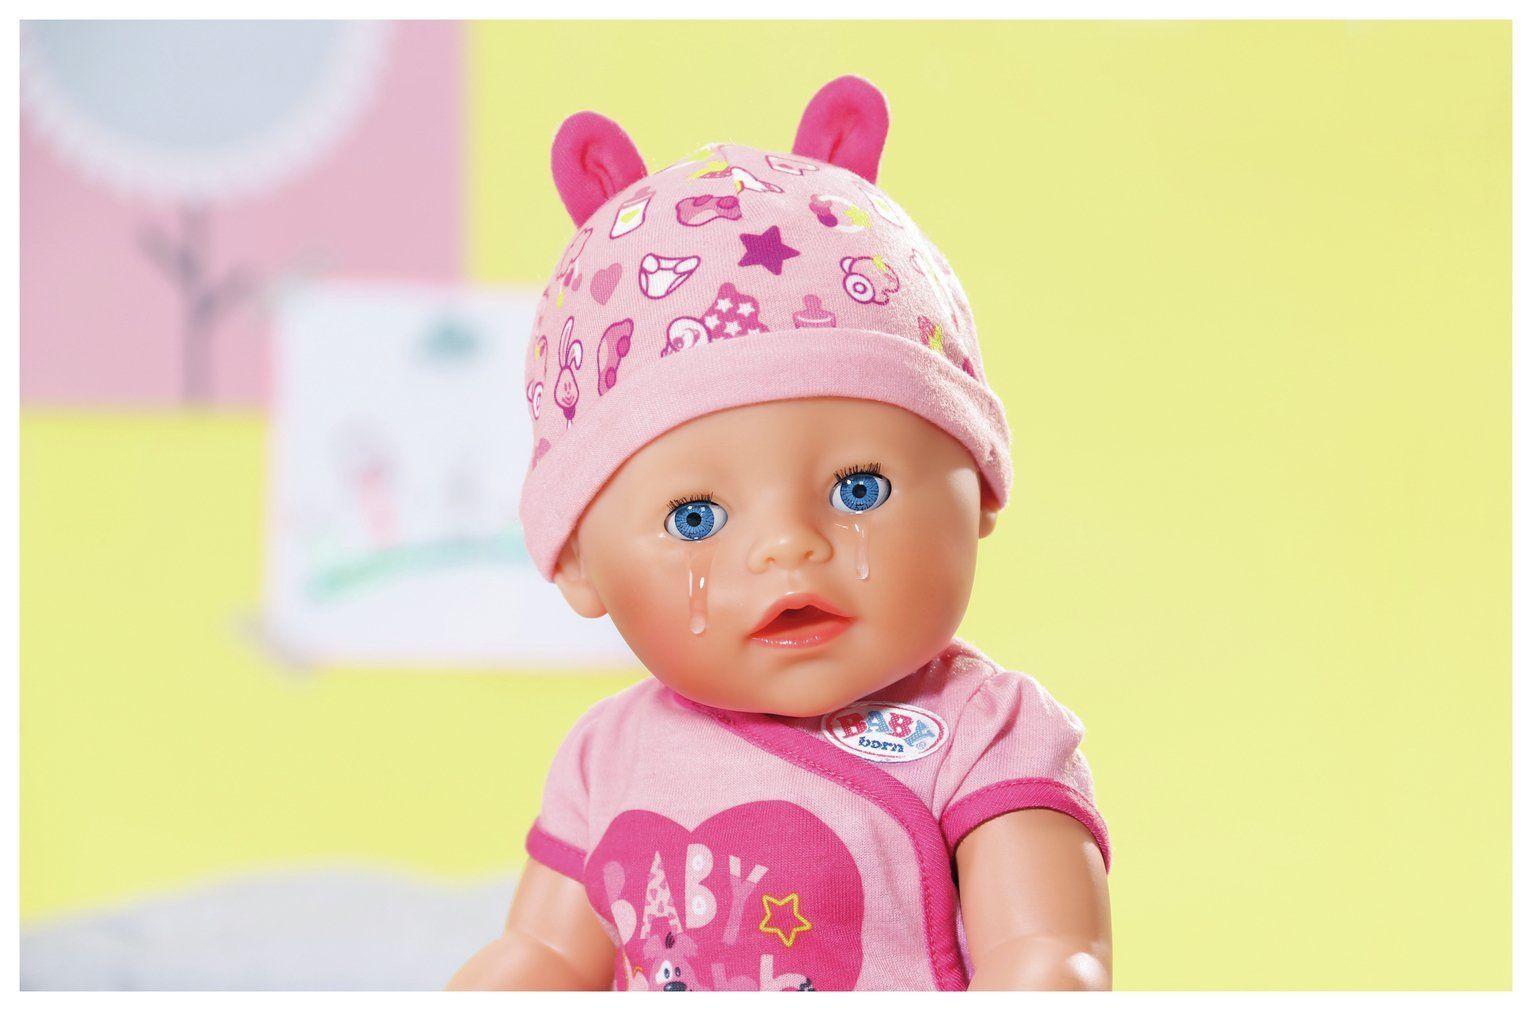 Blød dukke med blå øjne